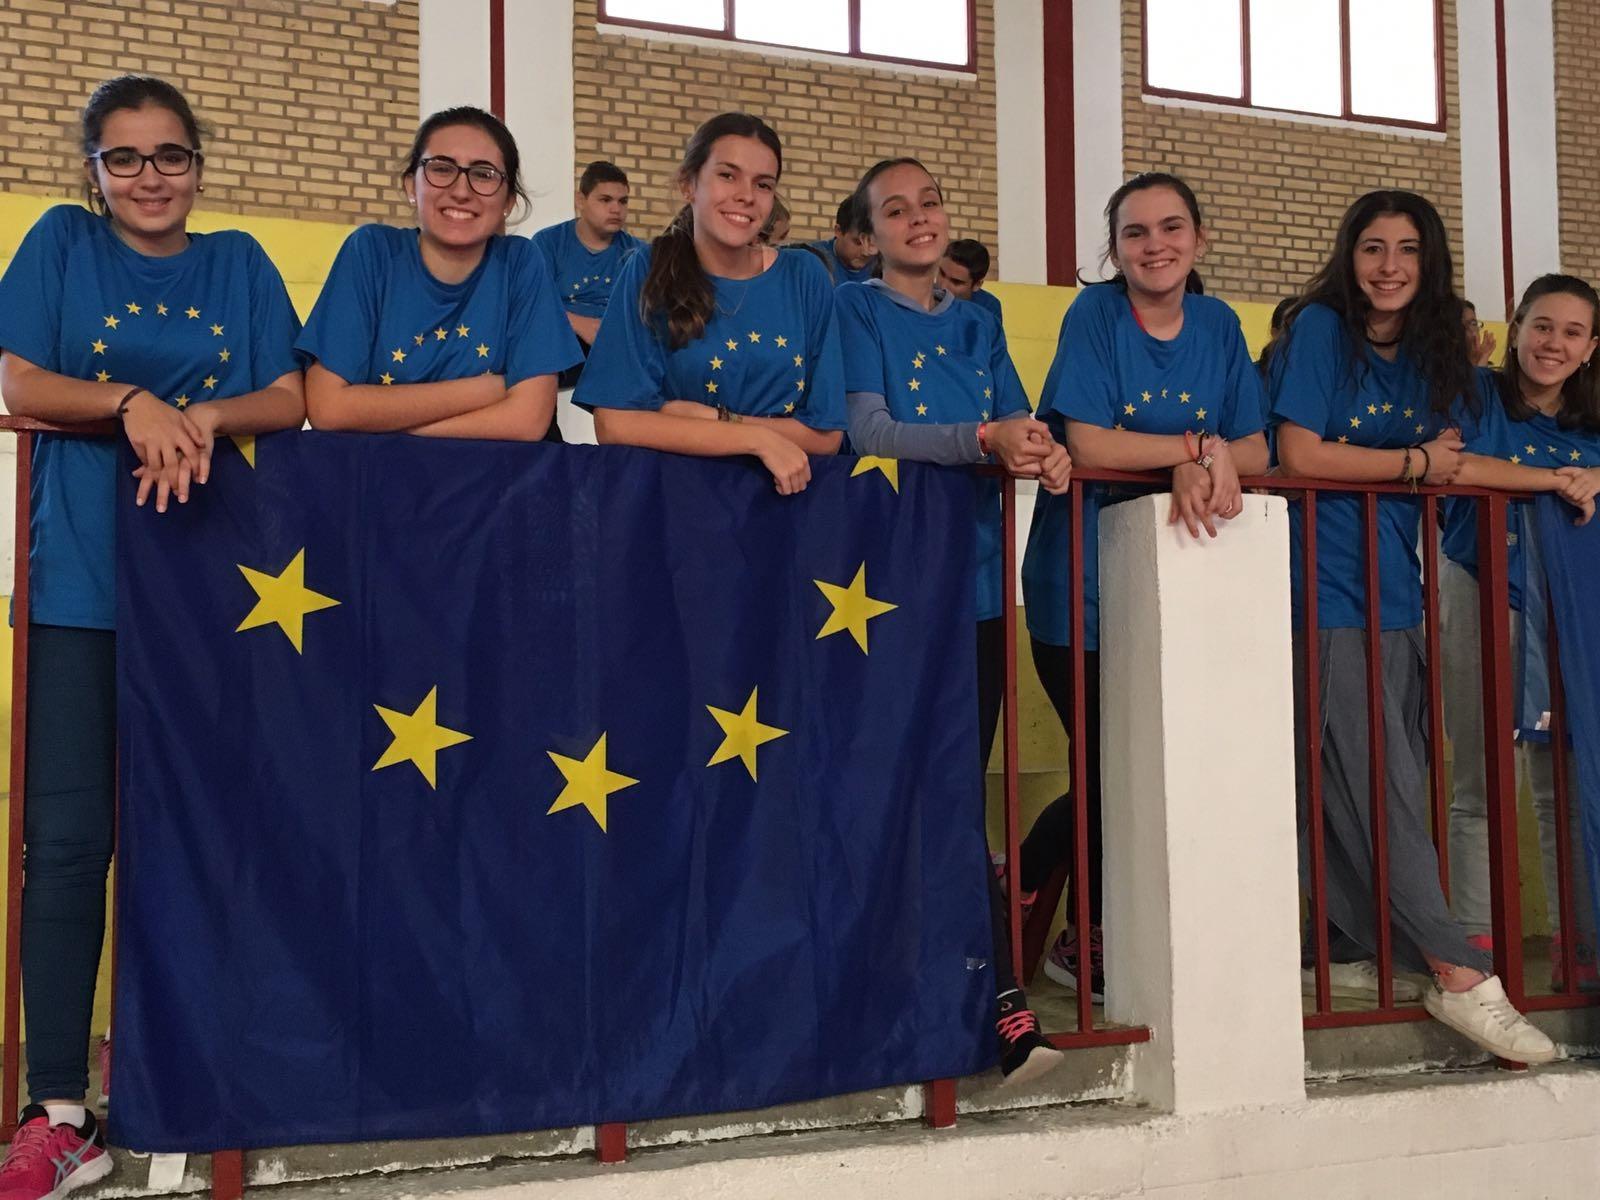 Gymkana Europea, El Carpio, 31 de octubre de 2016.